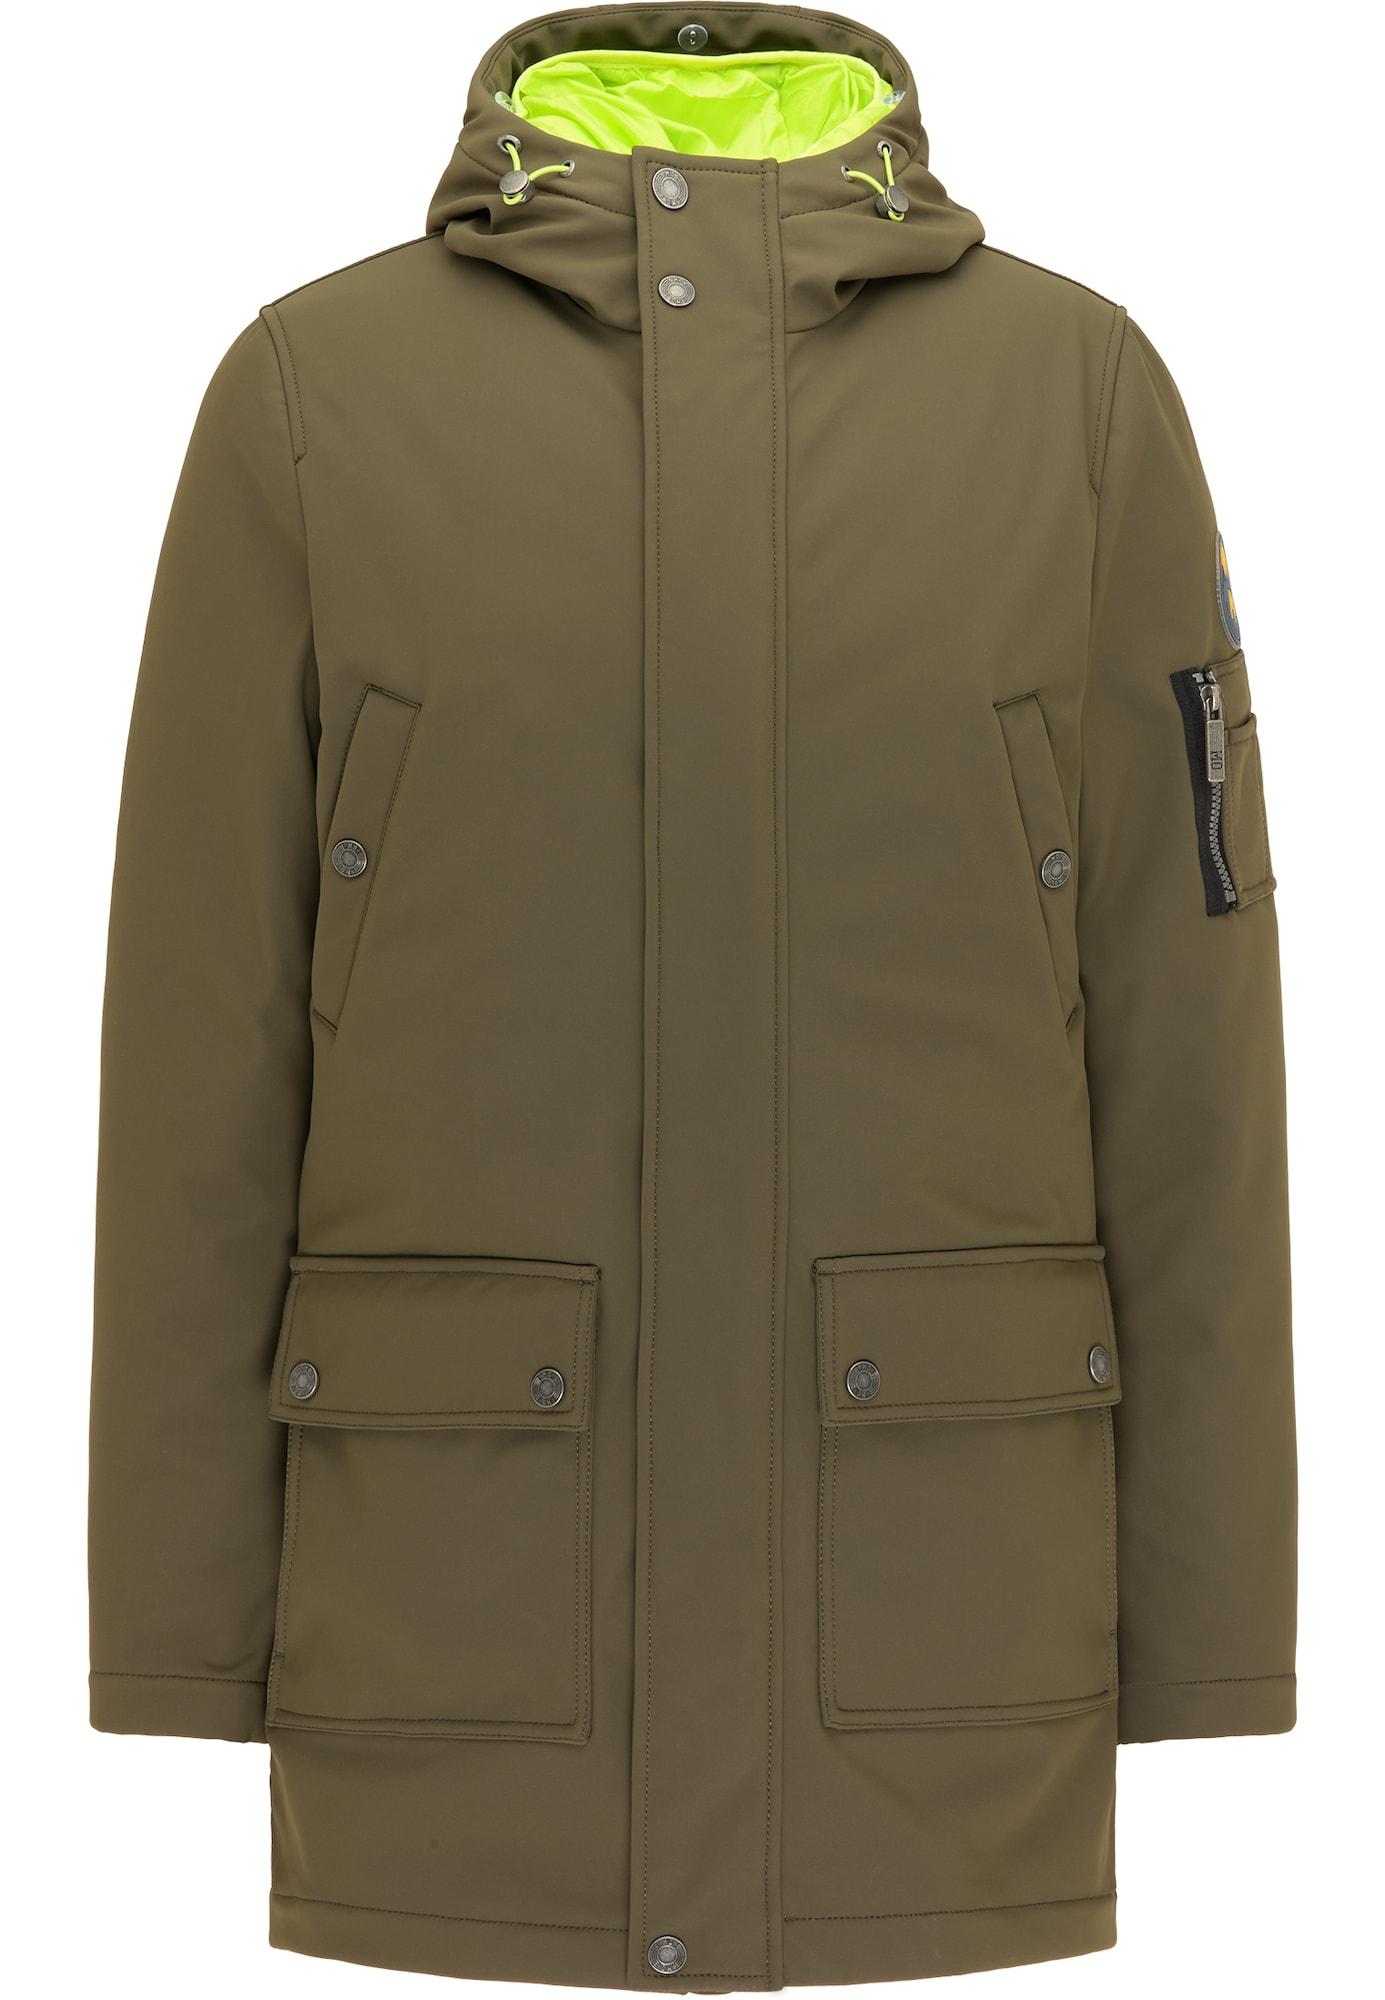 MO Žieminė striukė alyvuogių spalva / kivių spalva